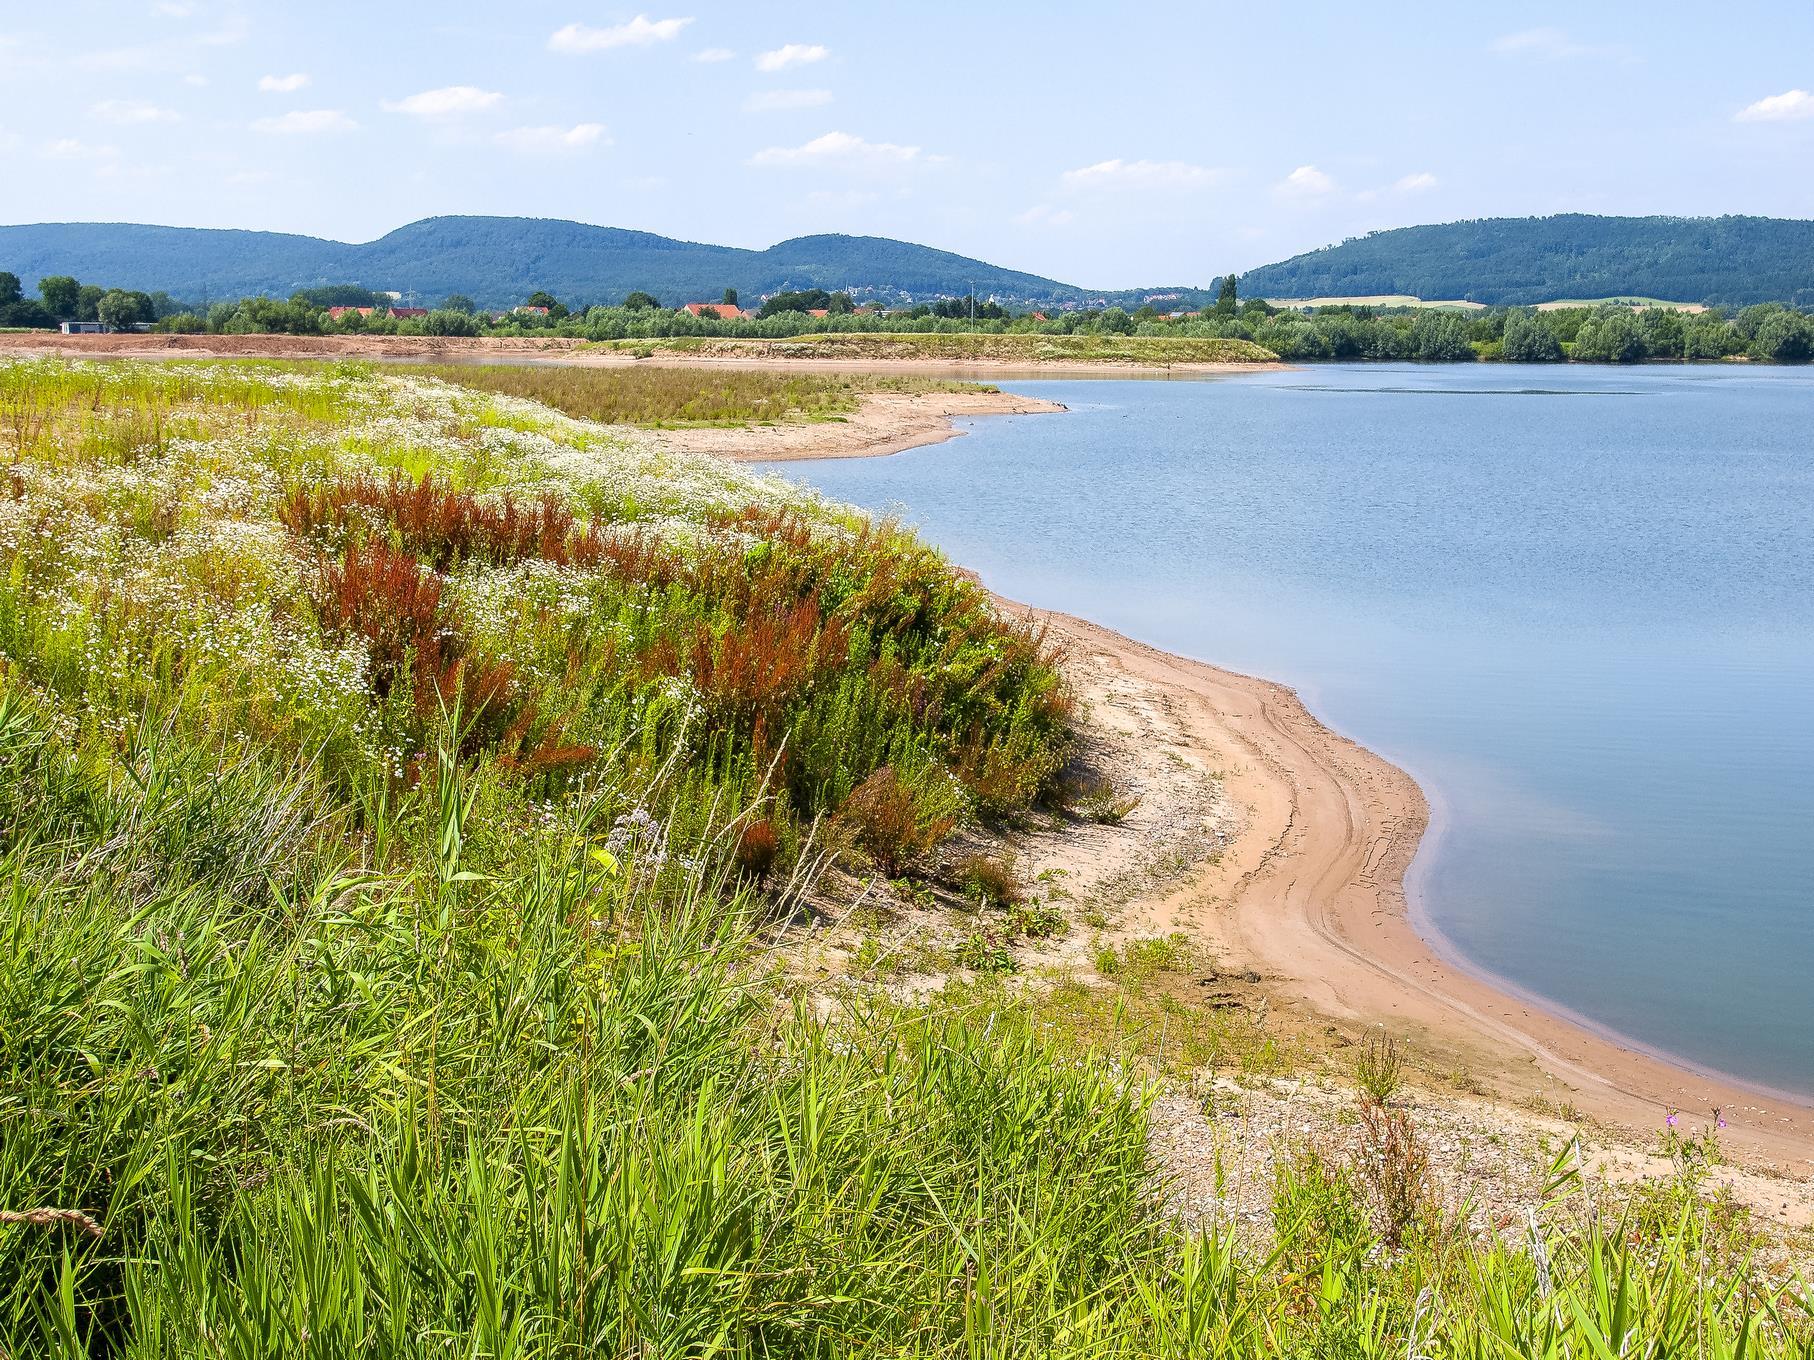 Die Uferbereiche des westlichen Teiches sind abwechslungsreich bewachsen.